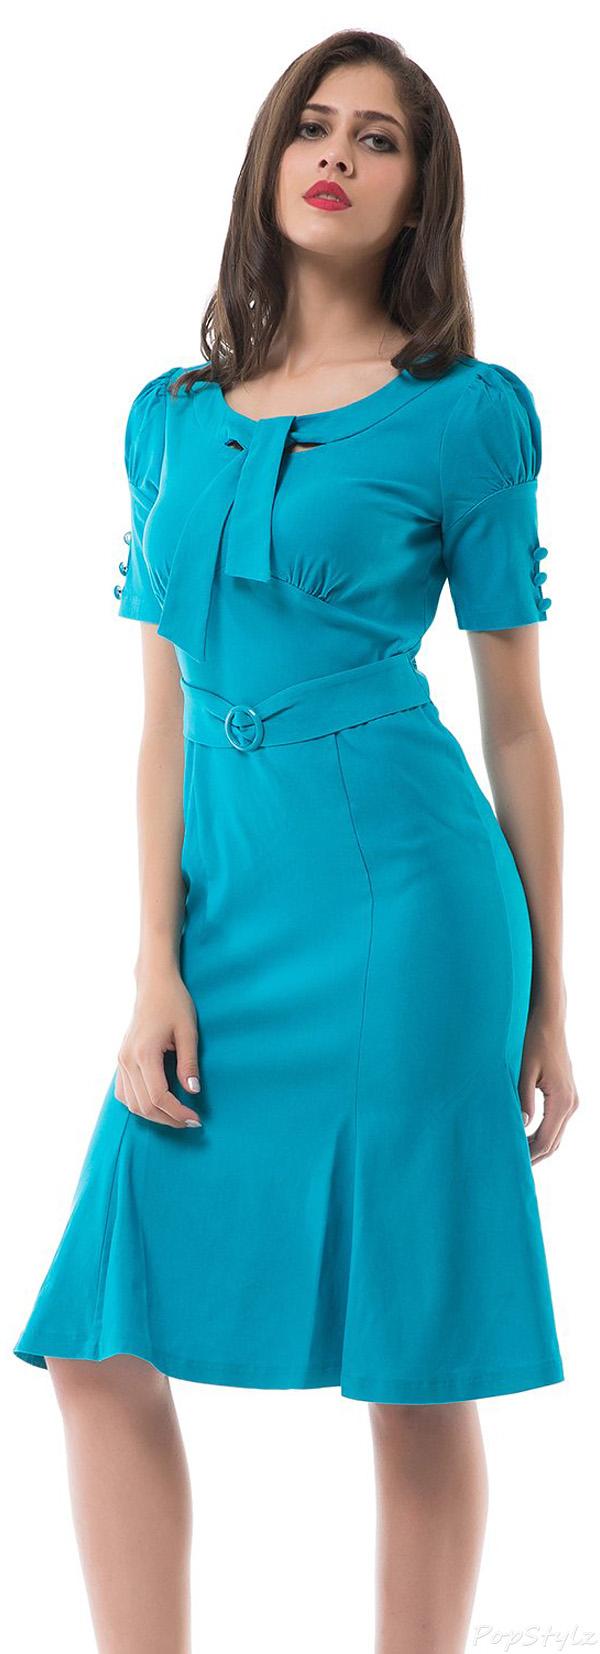 MUXXN Elegant Vintage Bodycon Evening Party Dress